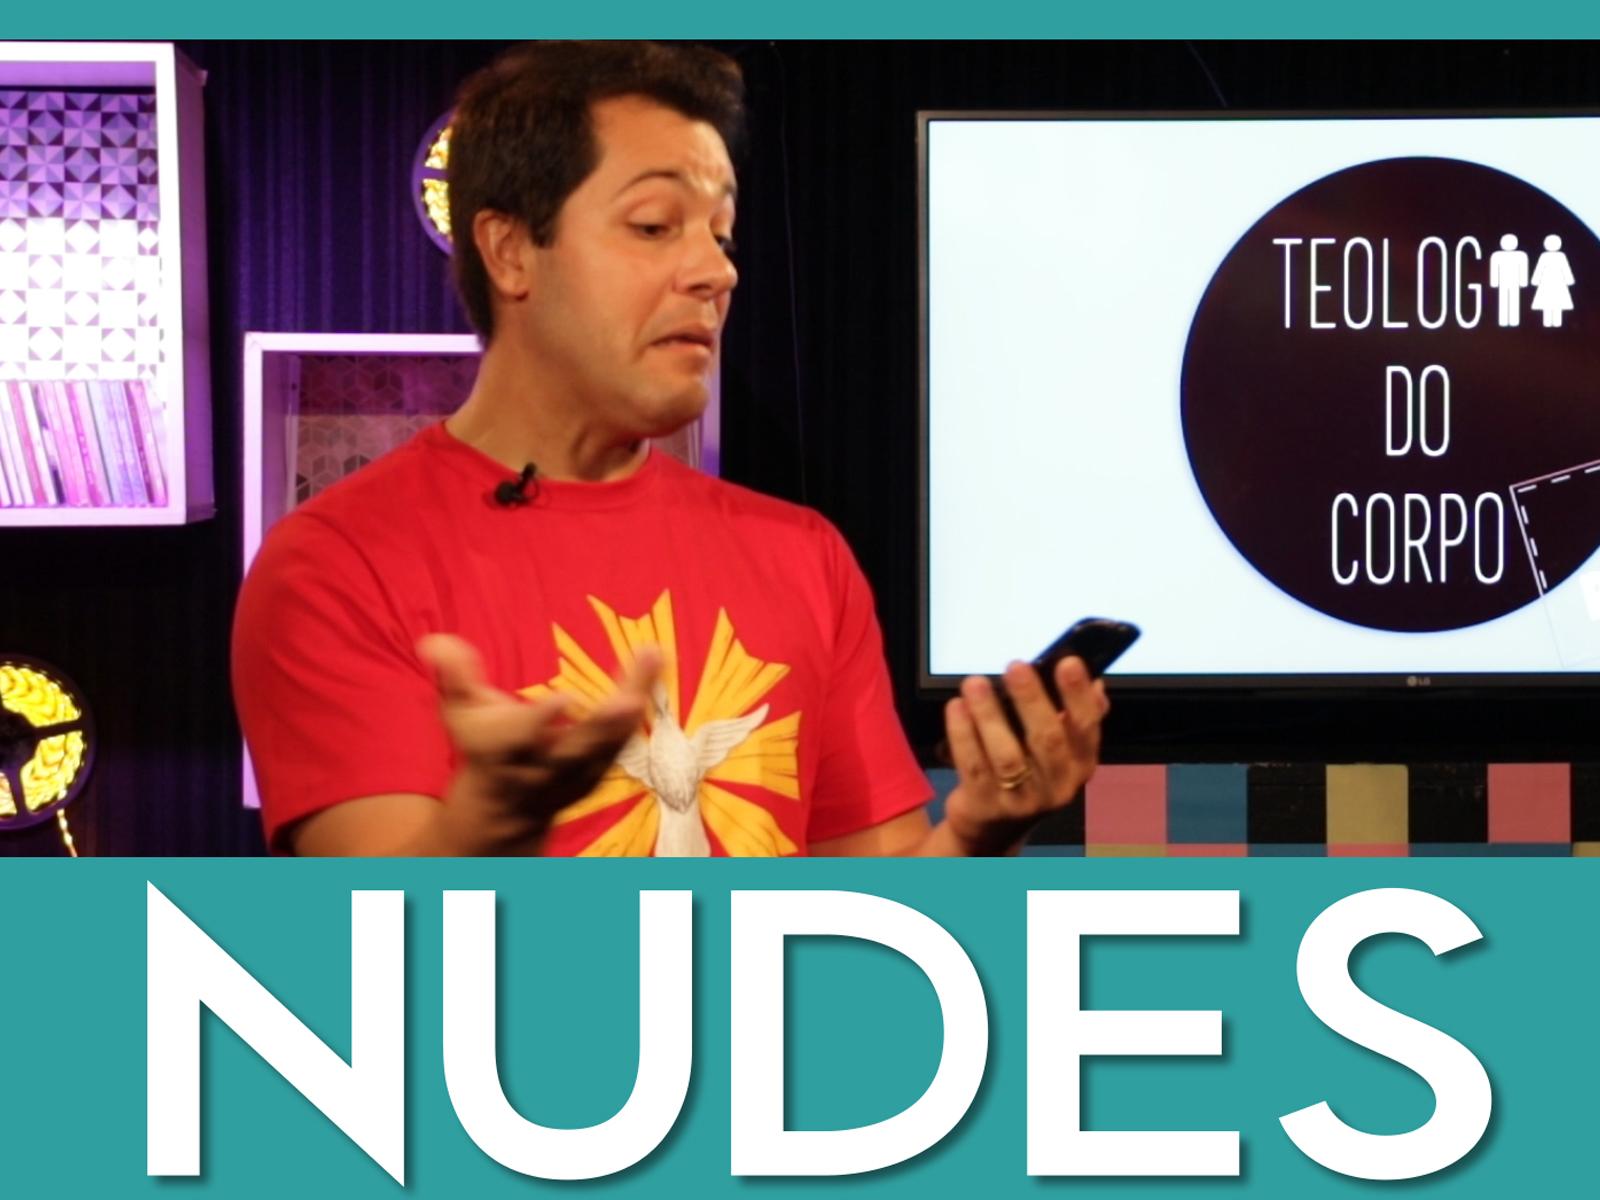 Nudes conheça o verdadeiro significado da nudez